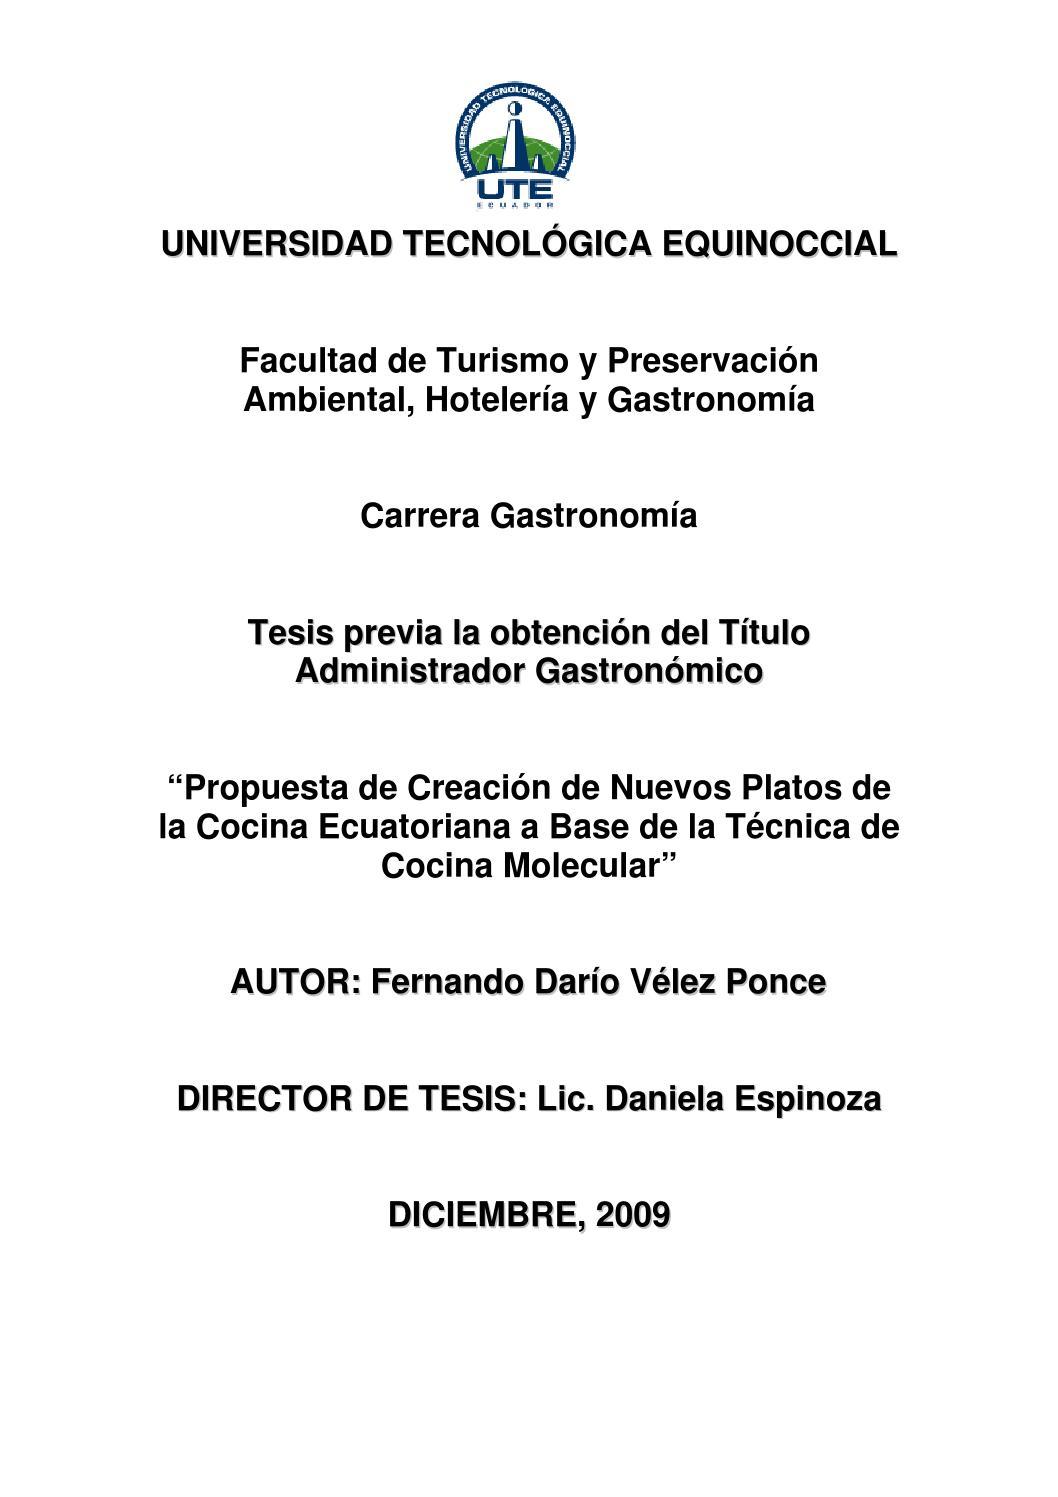 Creaci n de nuevos platos de la cocina ecuatoriana a base for Quien invento la cocina molecular